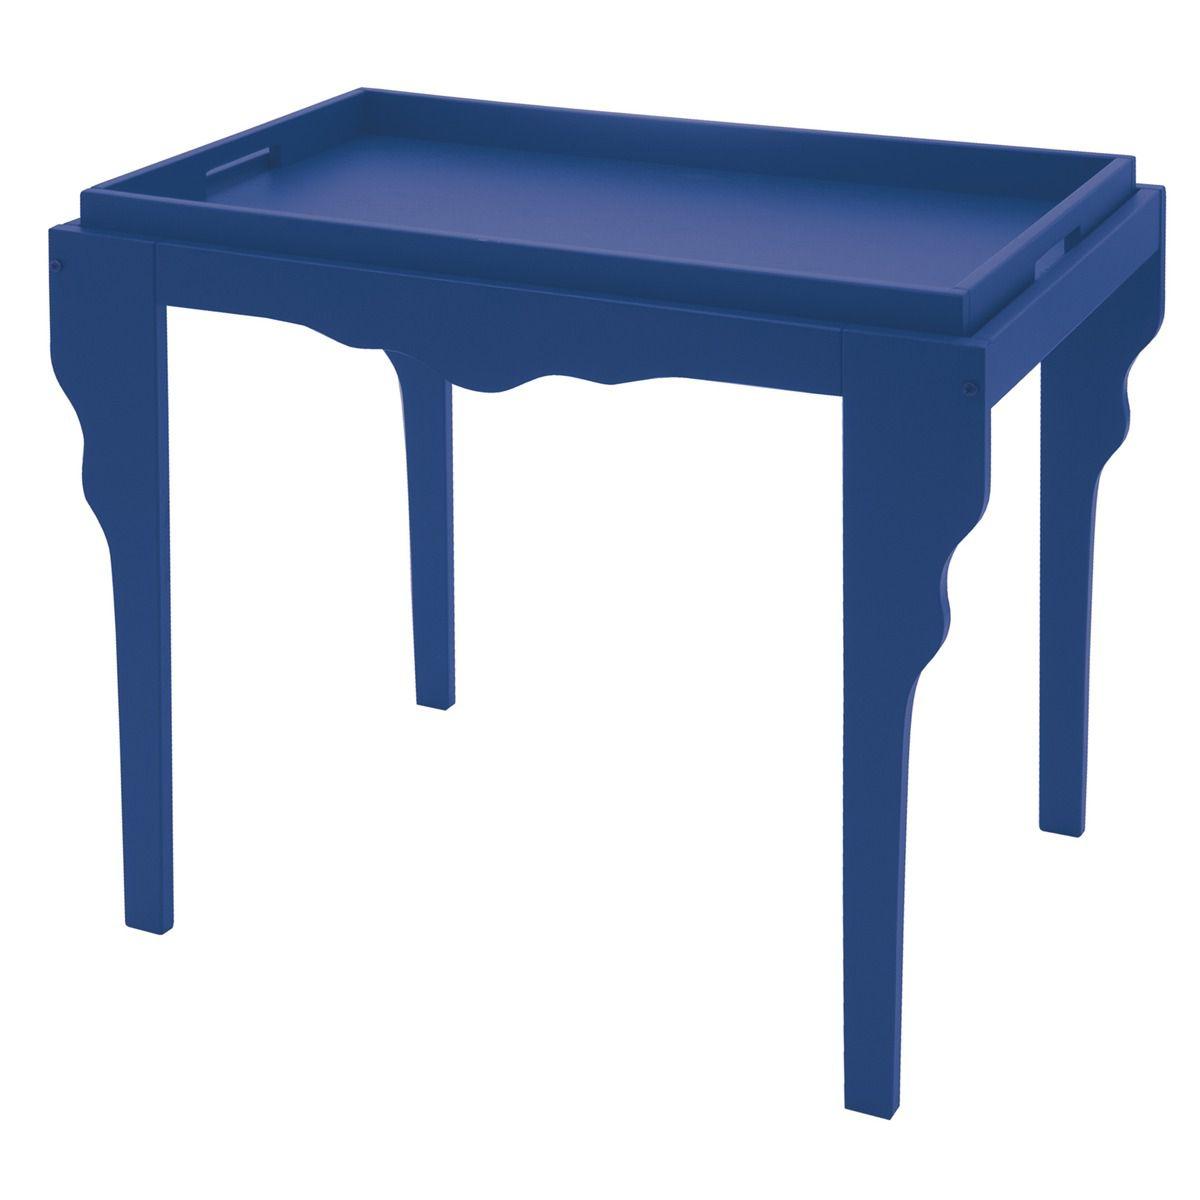 Mesa de Apoio Retrô Azul com Bandeja de Madeira 13007/808 | Lojas Estrela